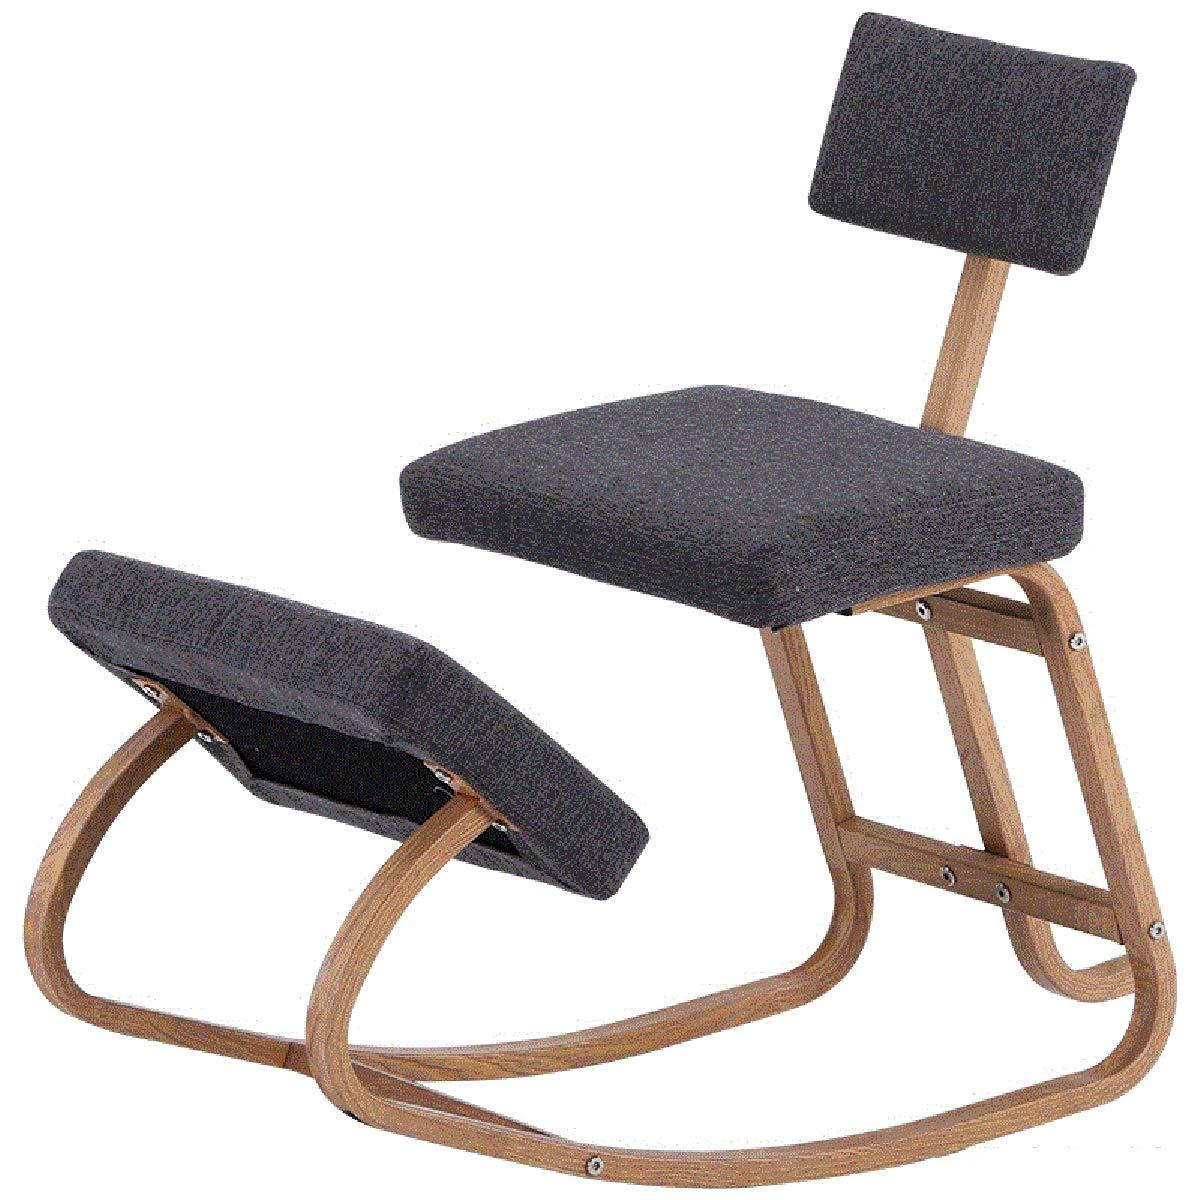 AYUSHOP Ergonomisk knästol justerbar pall för hem och kontor, kontor knästol med ett vinklat säte designad för att lindra rygg- och nacksmärta, tjocka bekväma kuddar, svart grå